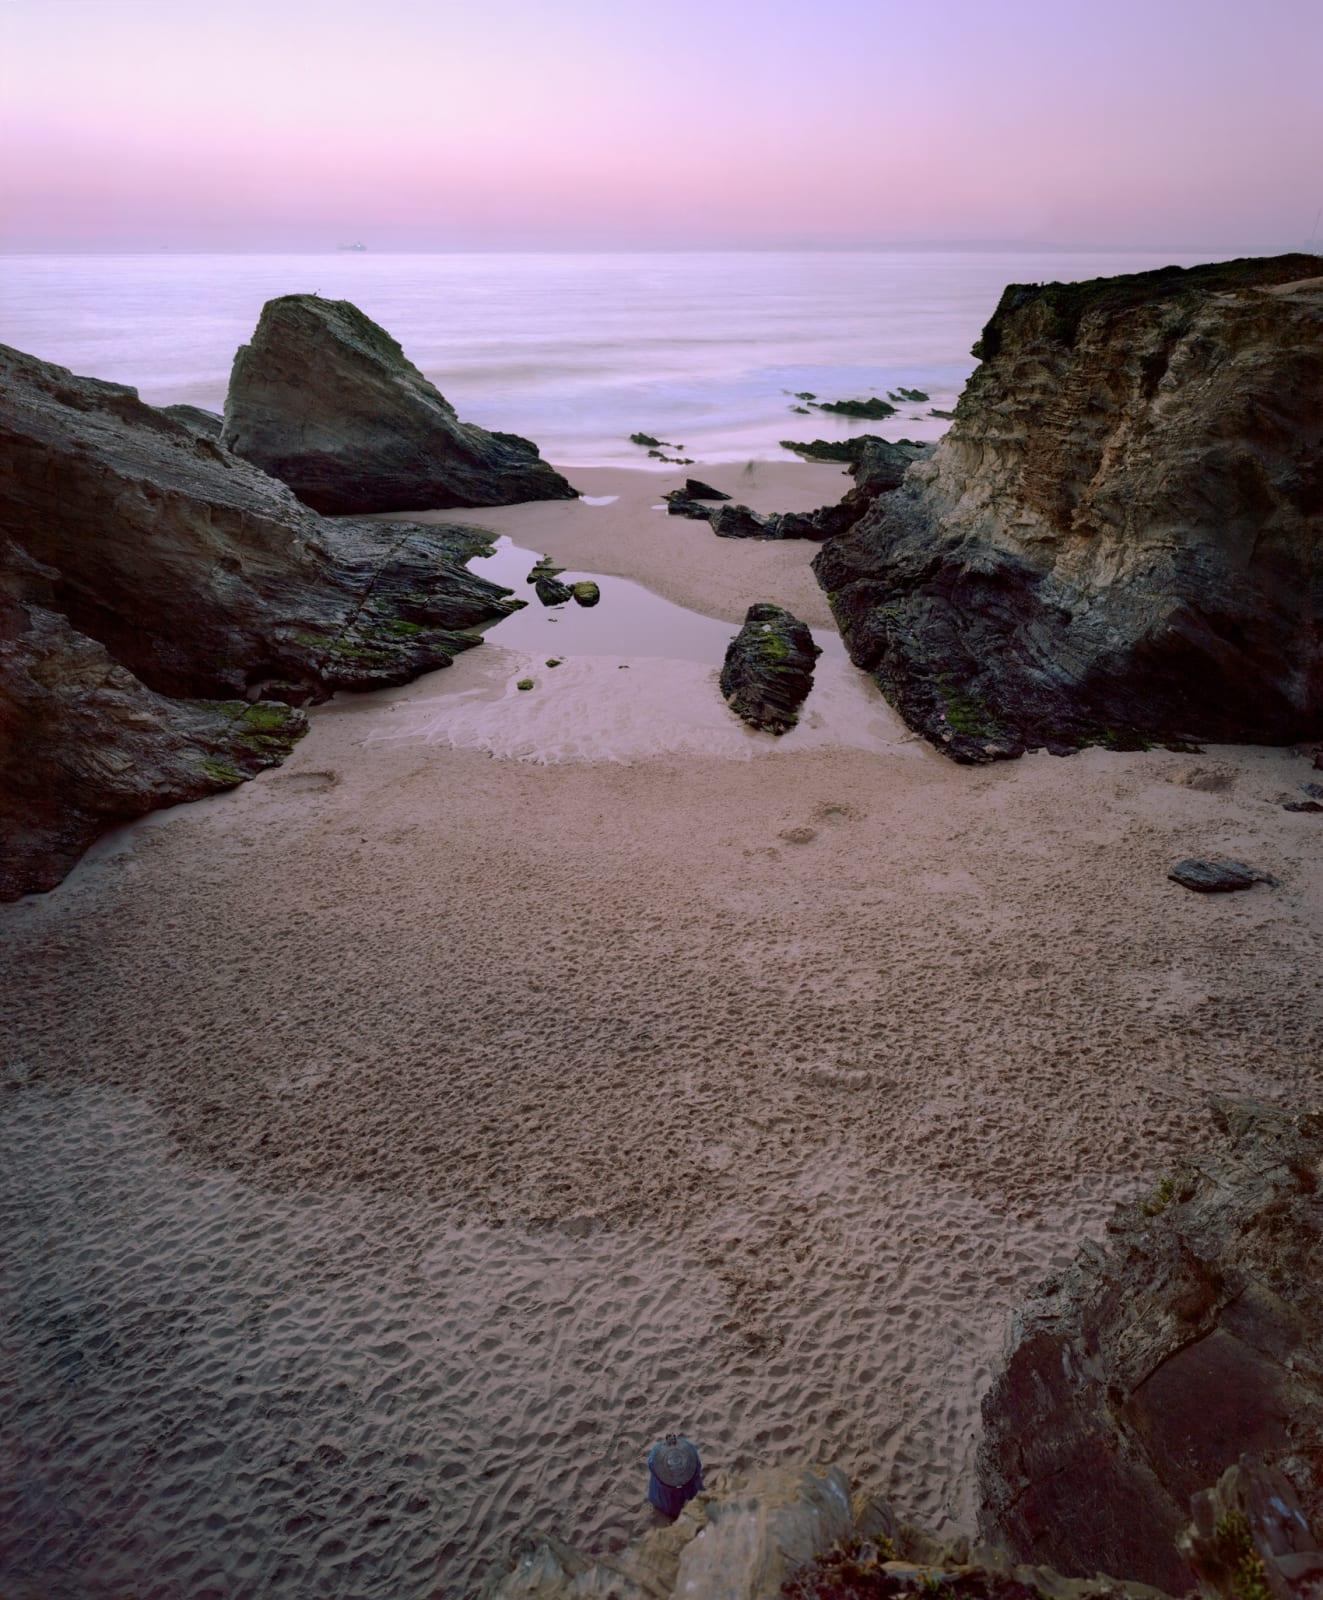 Christian Chaize Praia Piquinia 20/08/13 20h44